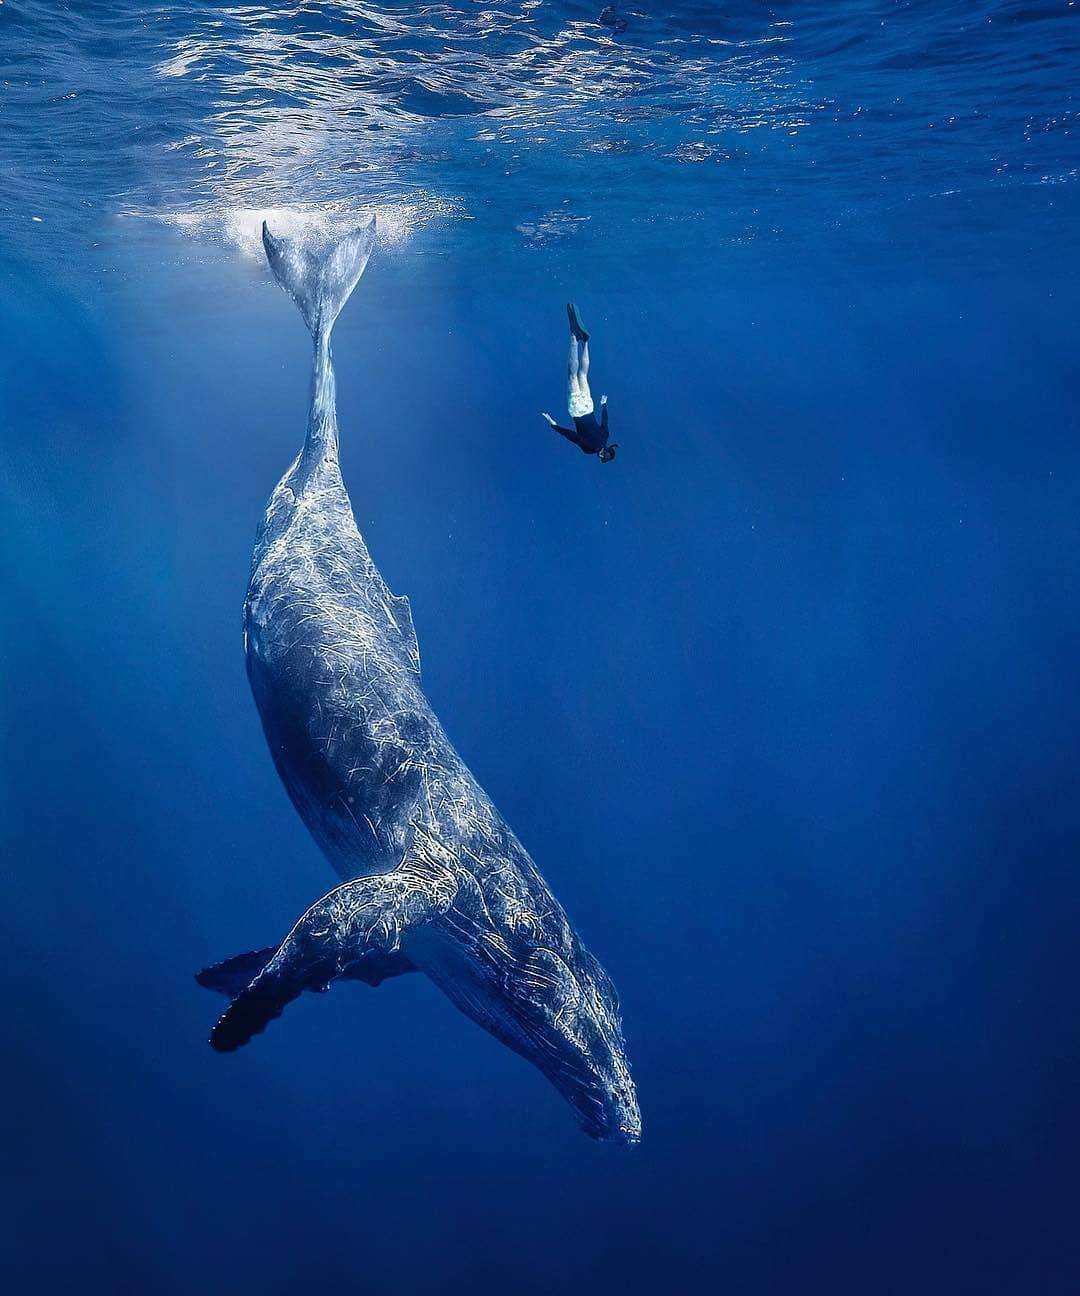 самое большое животное в океане фото фото